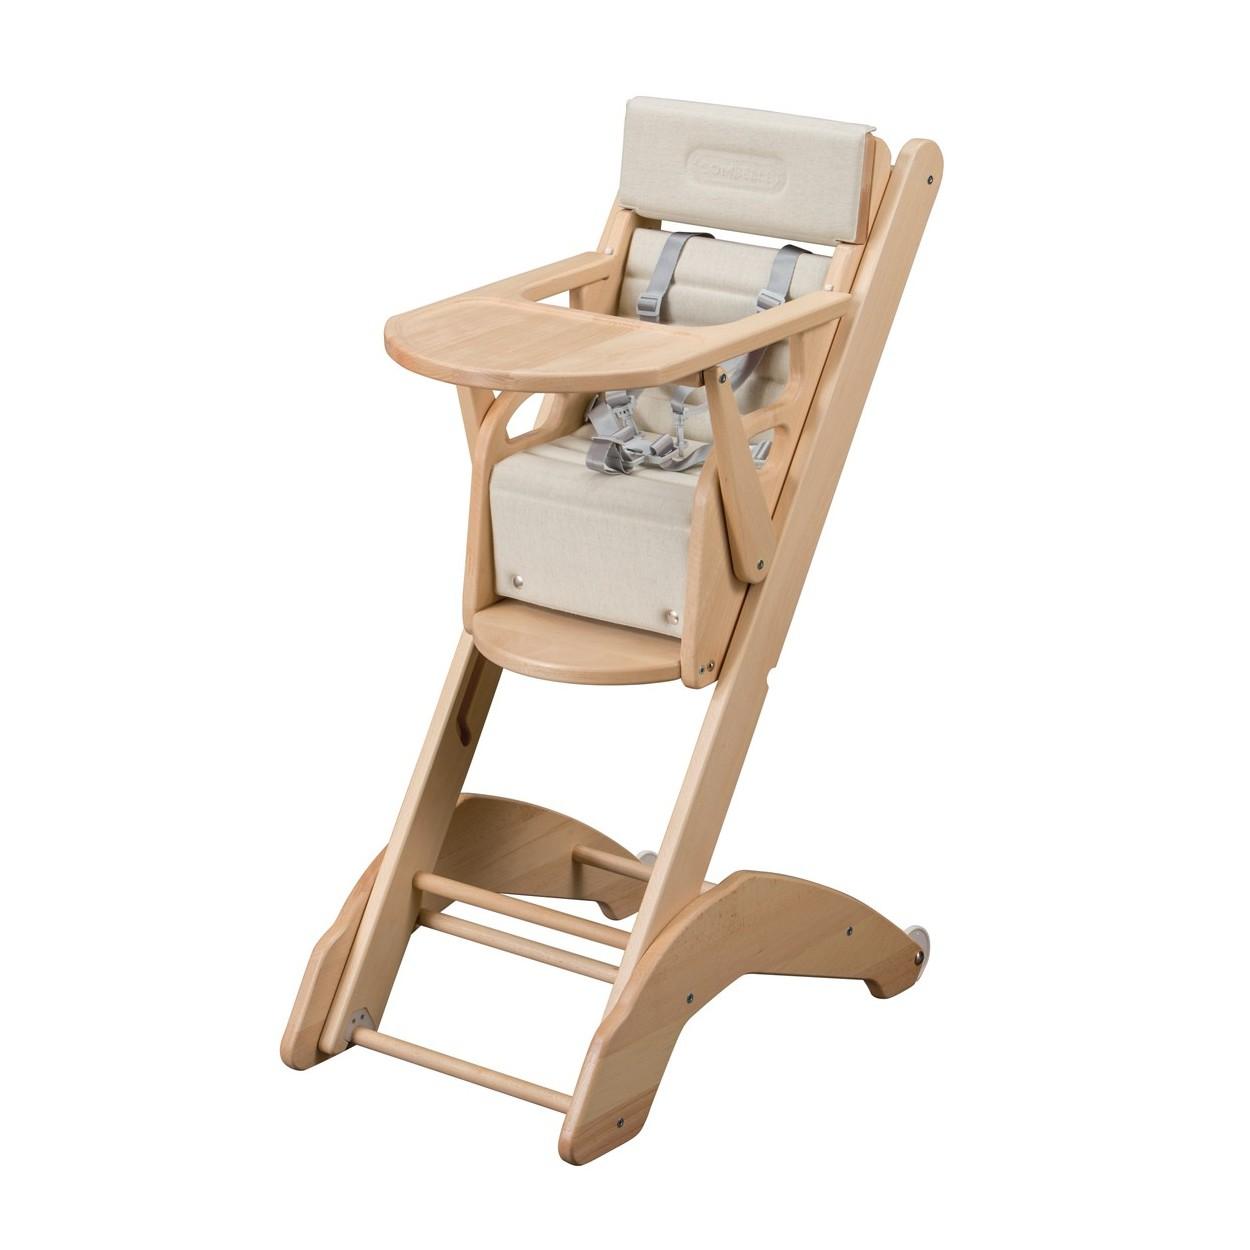 Chaise haute bébé évolutive  vernis naturel - 41x97 cm